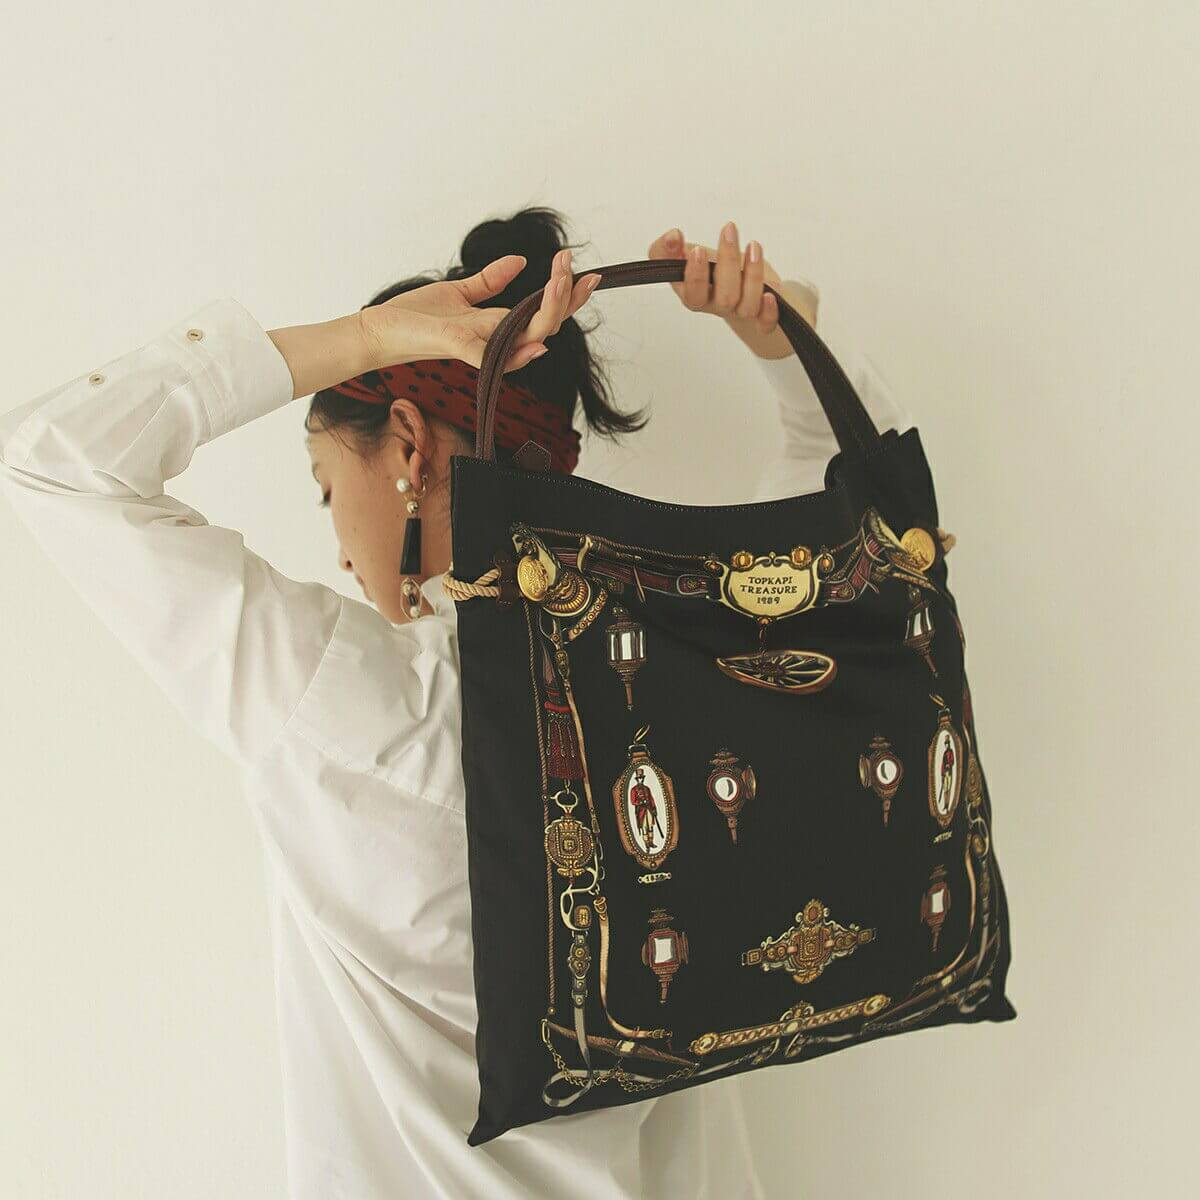 【公式】[トプカピ トレジャー] TOPKAPI TREASURE マイルド サテン スカーフ パネル柄 トート バッグ